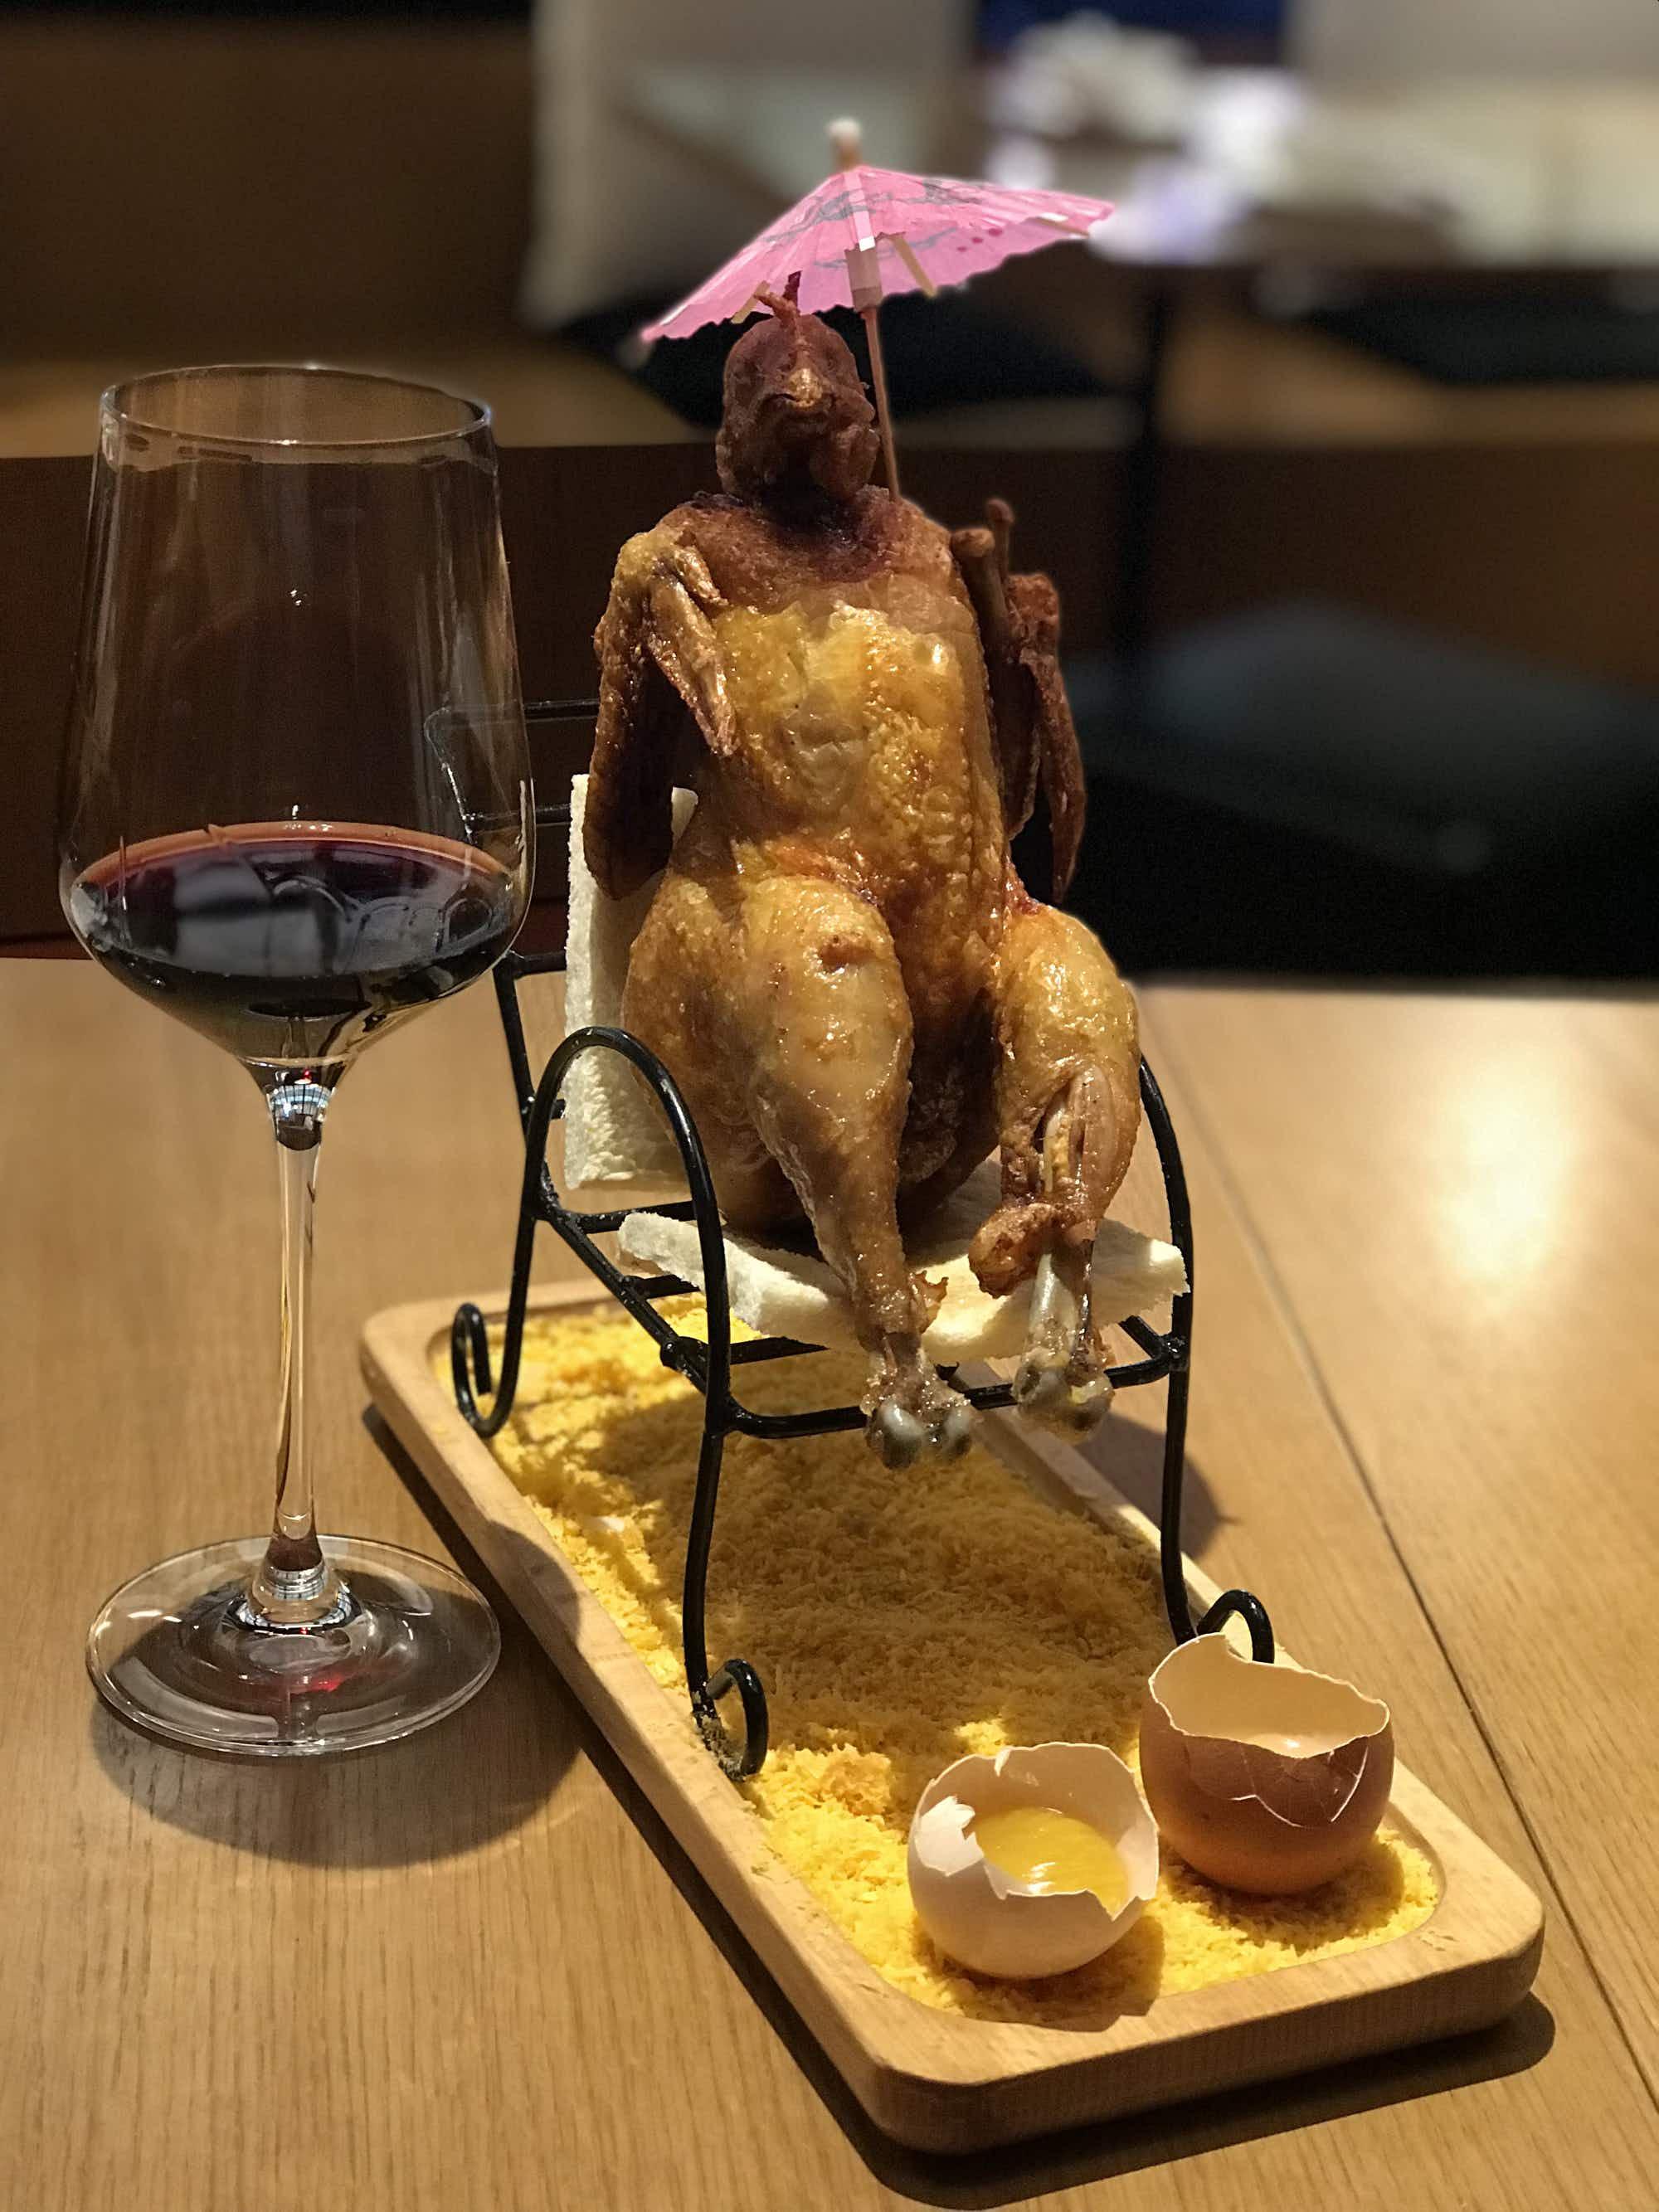 Shanghai restaurant serves up deep-fried chicken on a deckchair